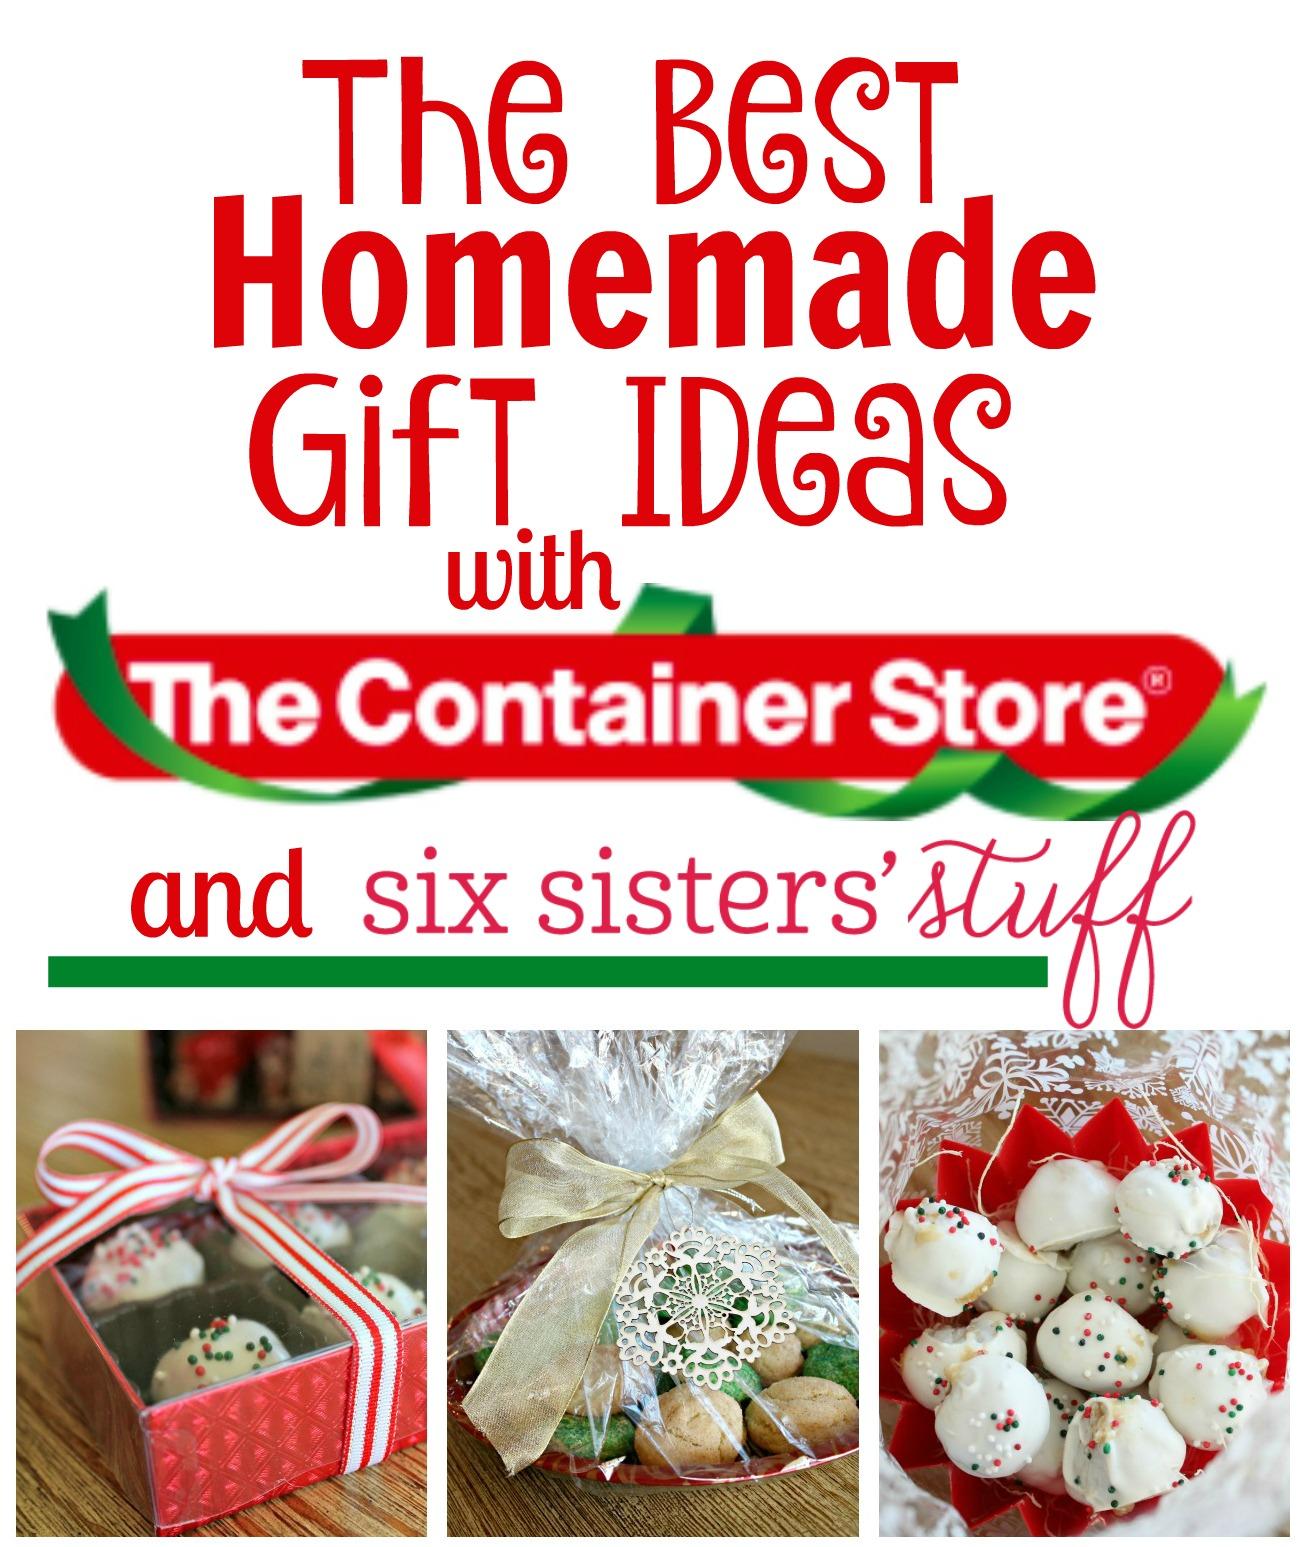 The Best Homemade Neighbor Gift Ideas